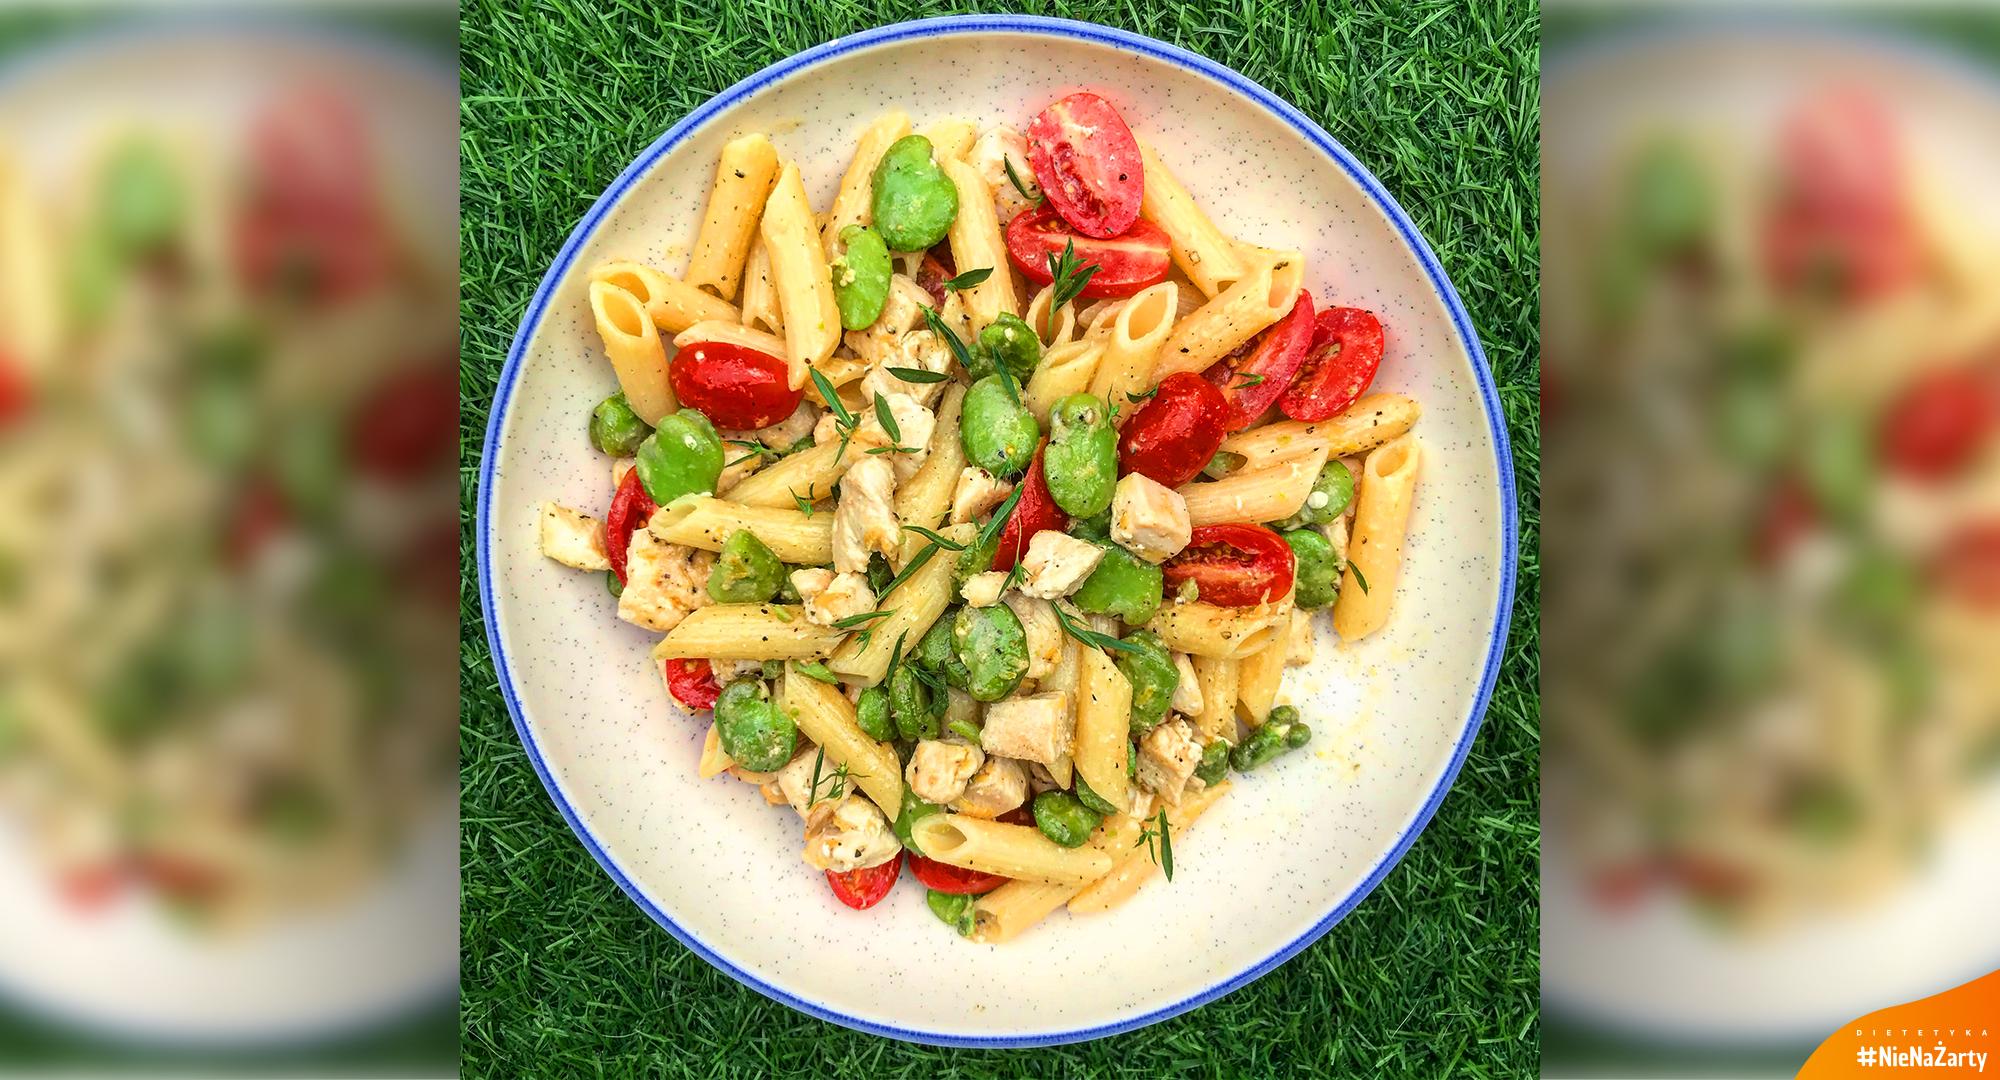 Dieta 1600 kcal - Makaron z kurczakiem, bobem i pomidorkami